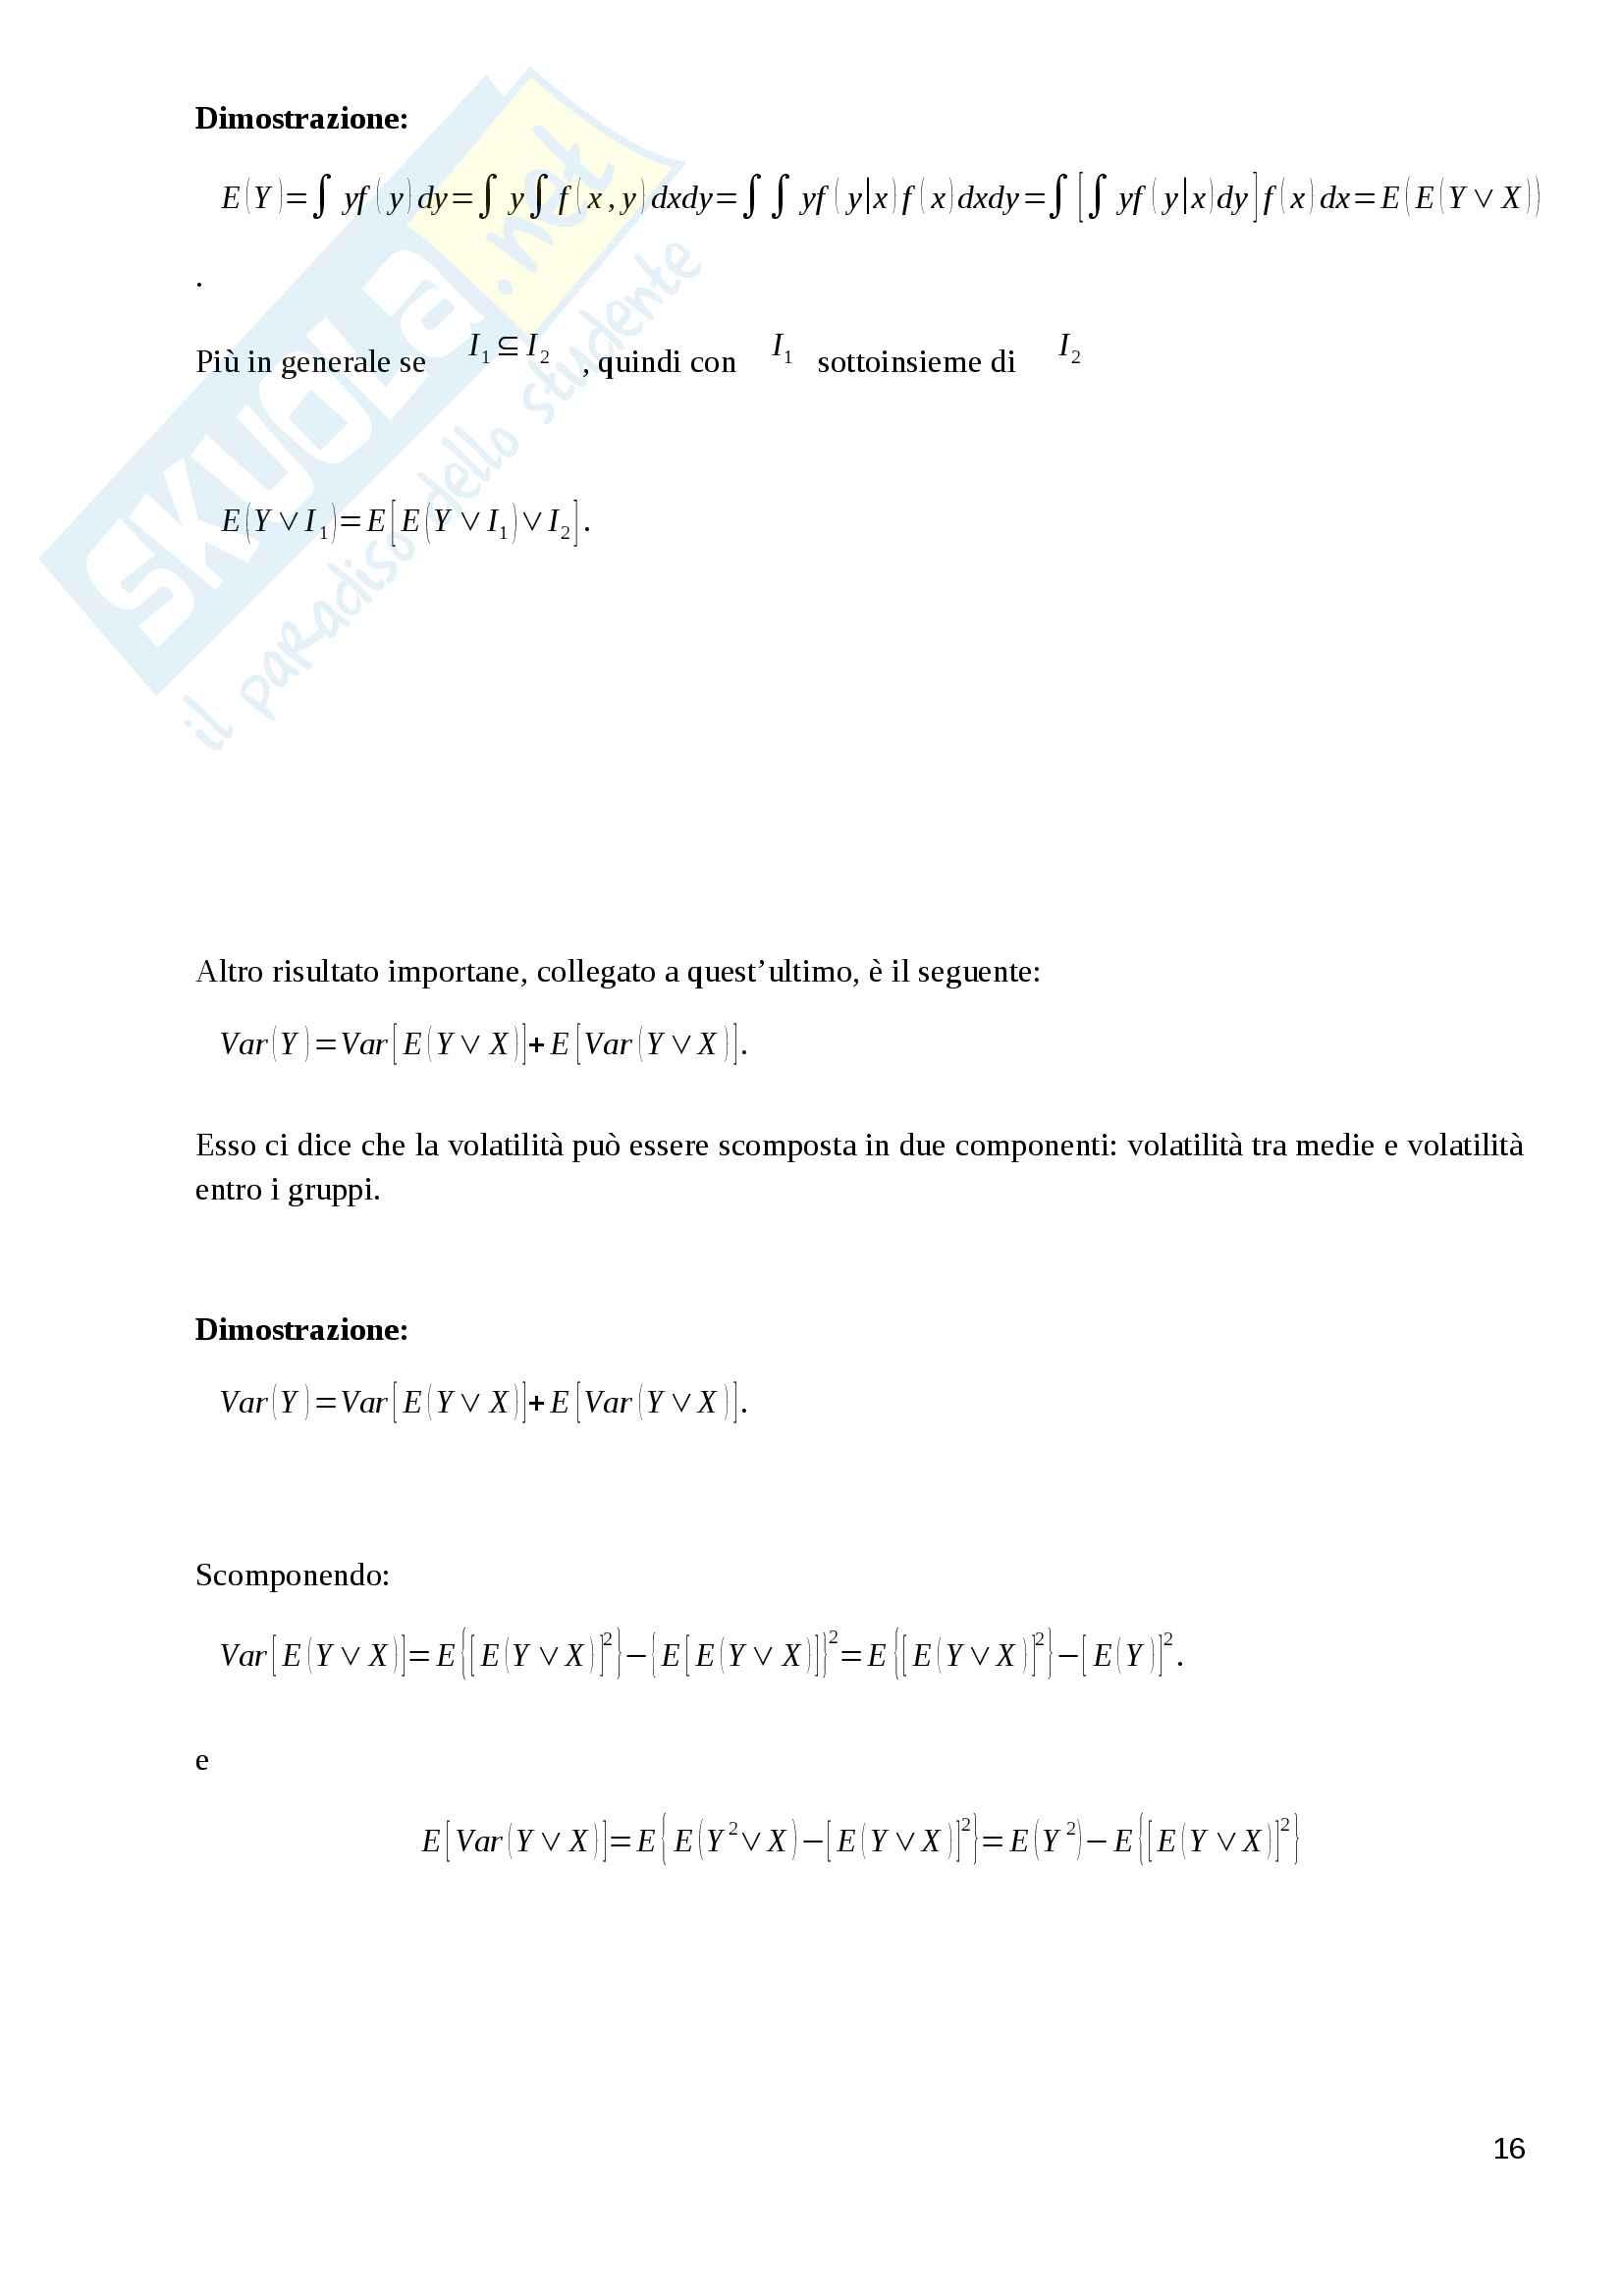 Appunti Finanza Quantitativa Pag. 16